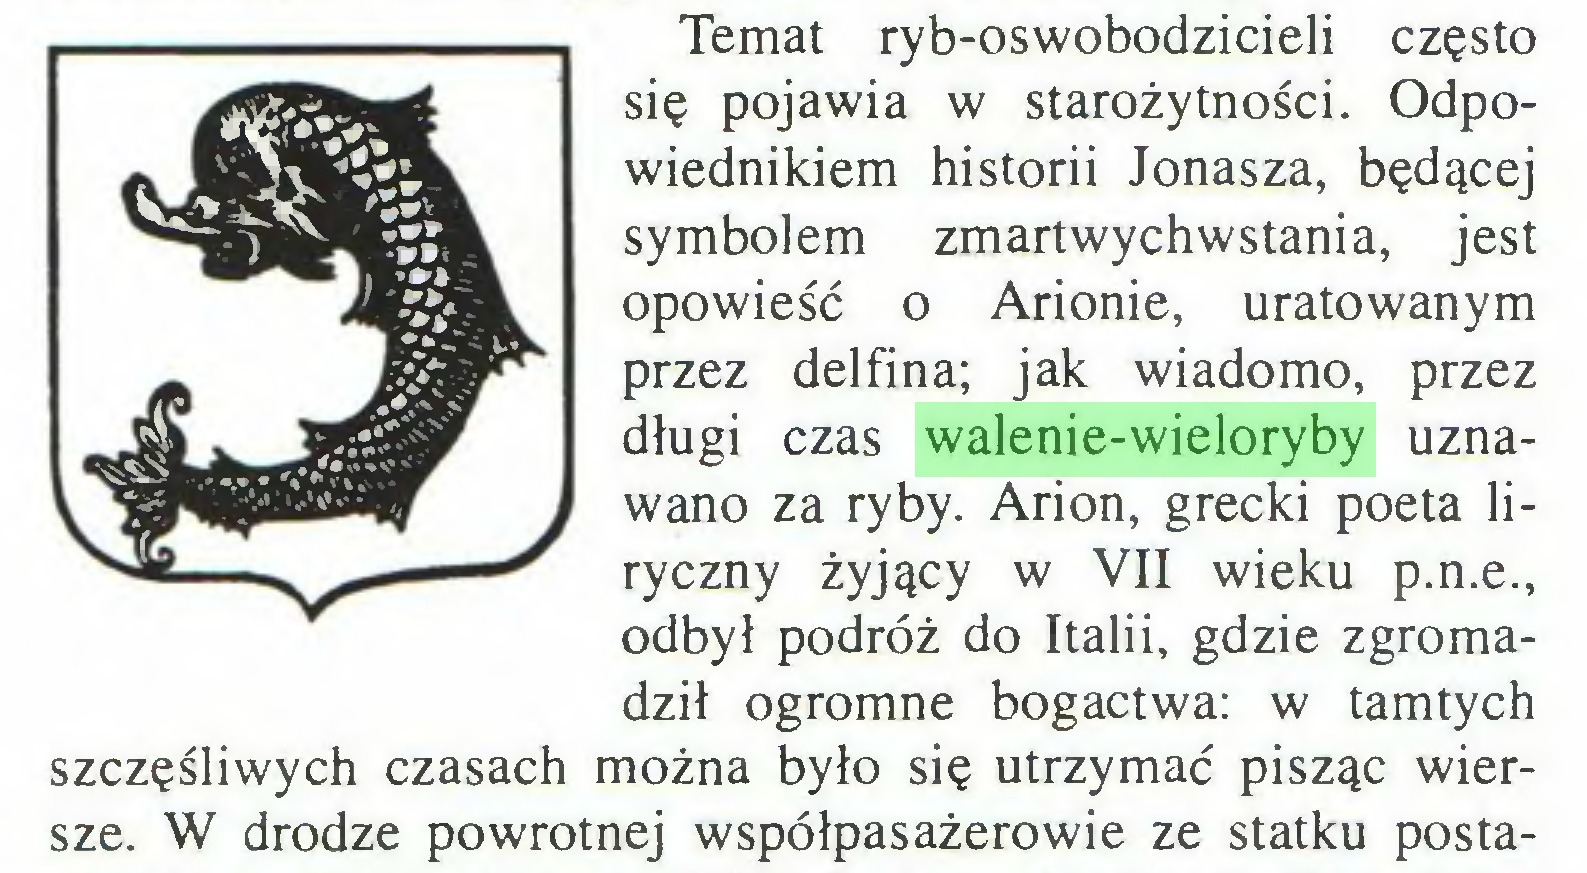 (...) Temat ryb-oswobodzicieli często się pojawia w starożytności. Odpowiednikiem historii Jonasza, będącej symbolem zmartwychwstania, jest opowieść o Arionie, uratowanym przez delfina; jak wiadomo, przez długi czas walenie-wieloryby uznawano za ryby. Arion, grecki poeta liryczny żyjący w VII wieku p.n.e., odbył podróż do Italii, gdzie zgromadził ogromne bogactwa: w tamtych szczęśliwych czasach można było się utrzymać pisząc wiersze. W drodze powrotnej współpasażerowie ze statku posta...